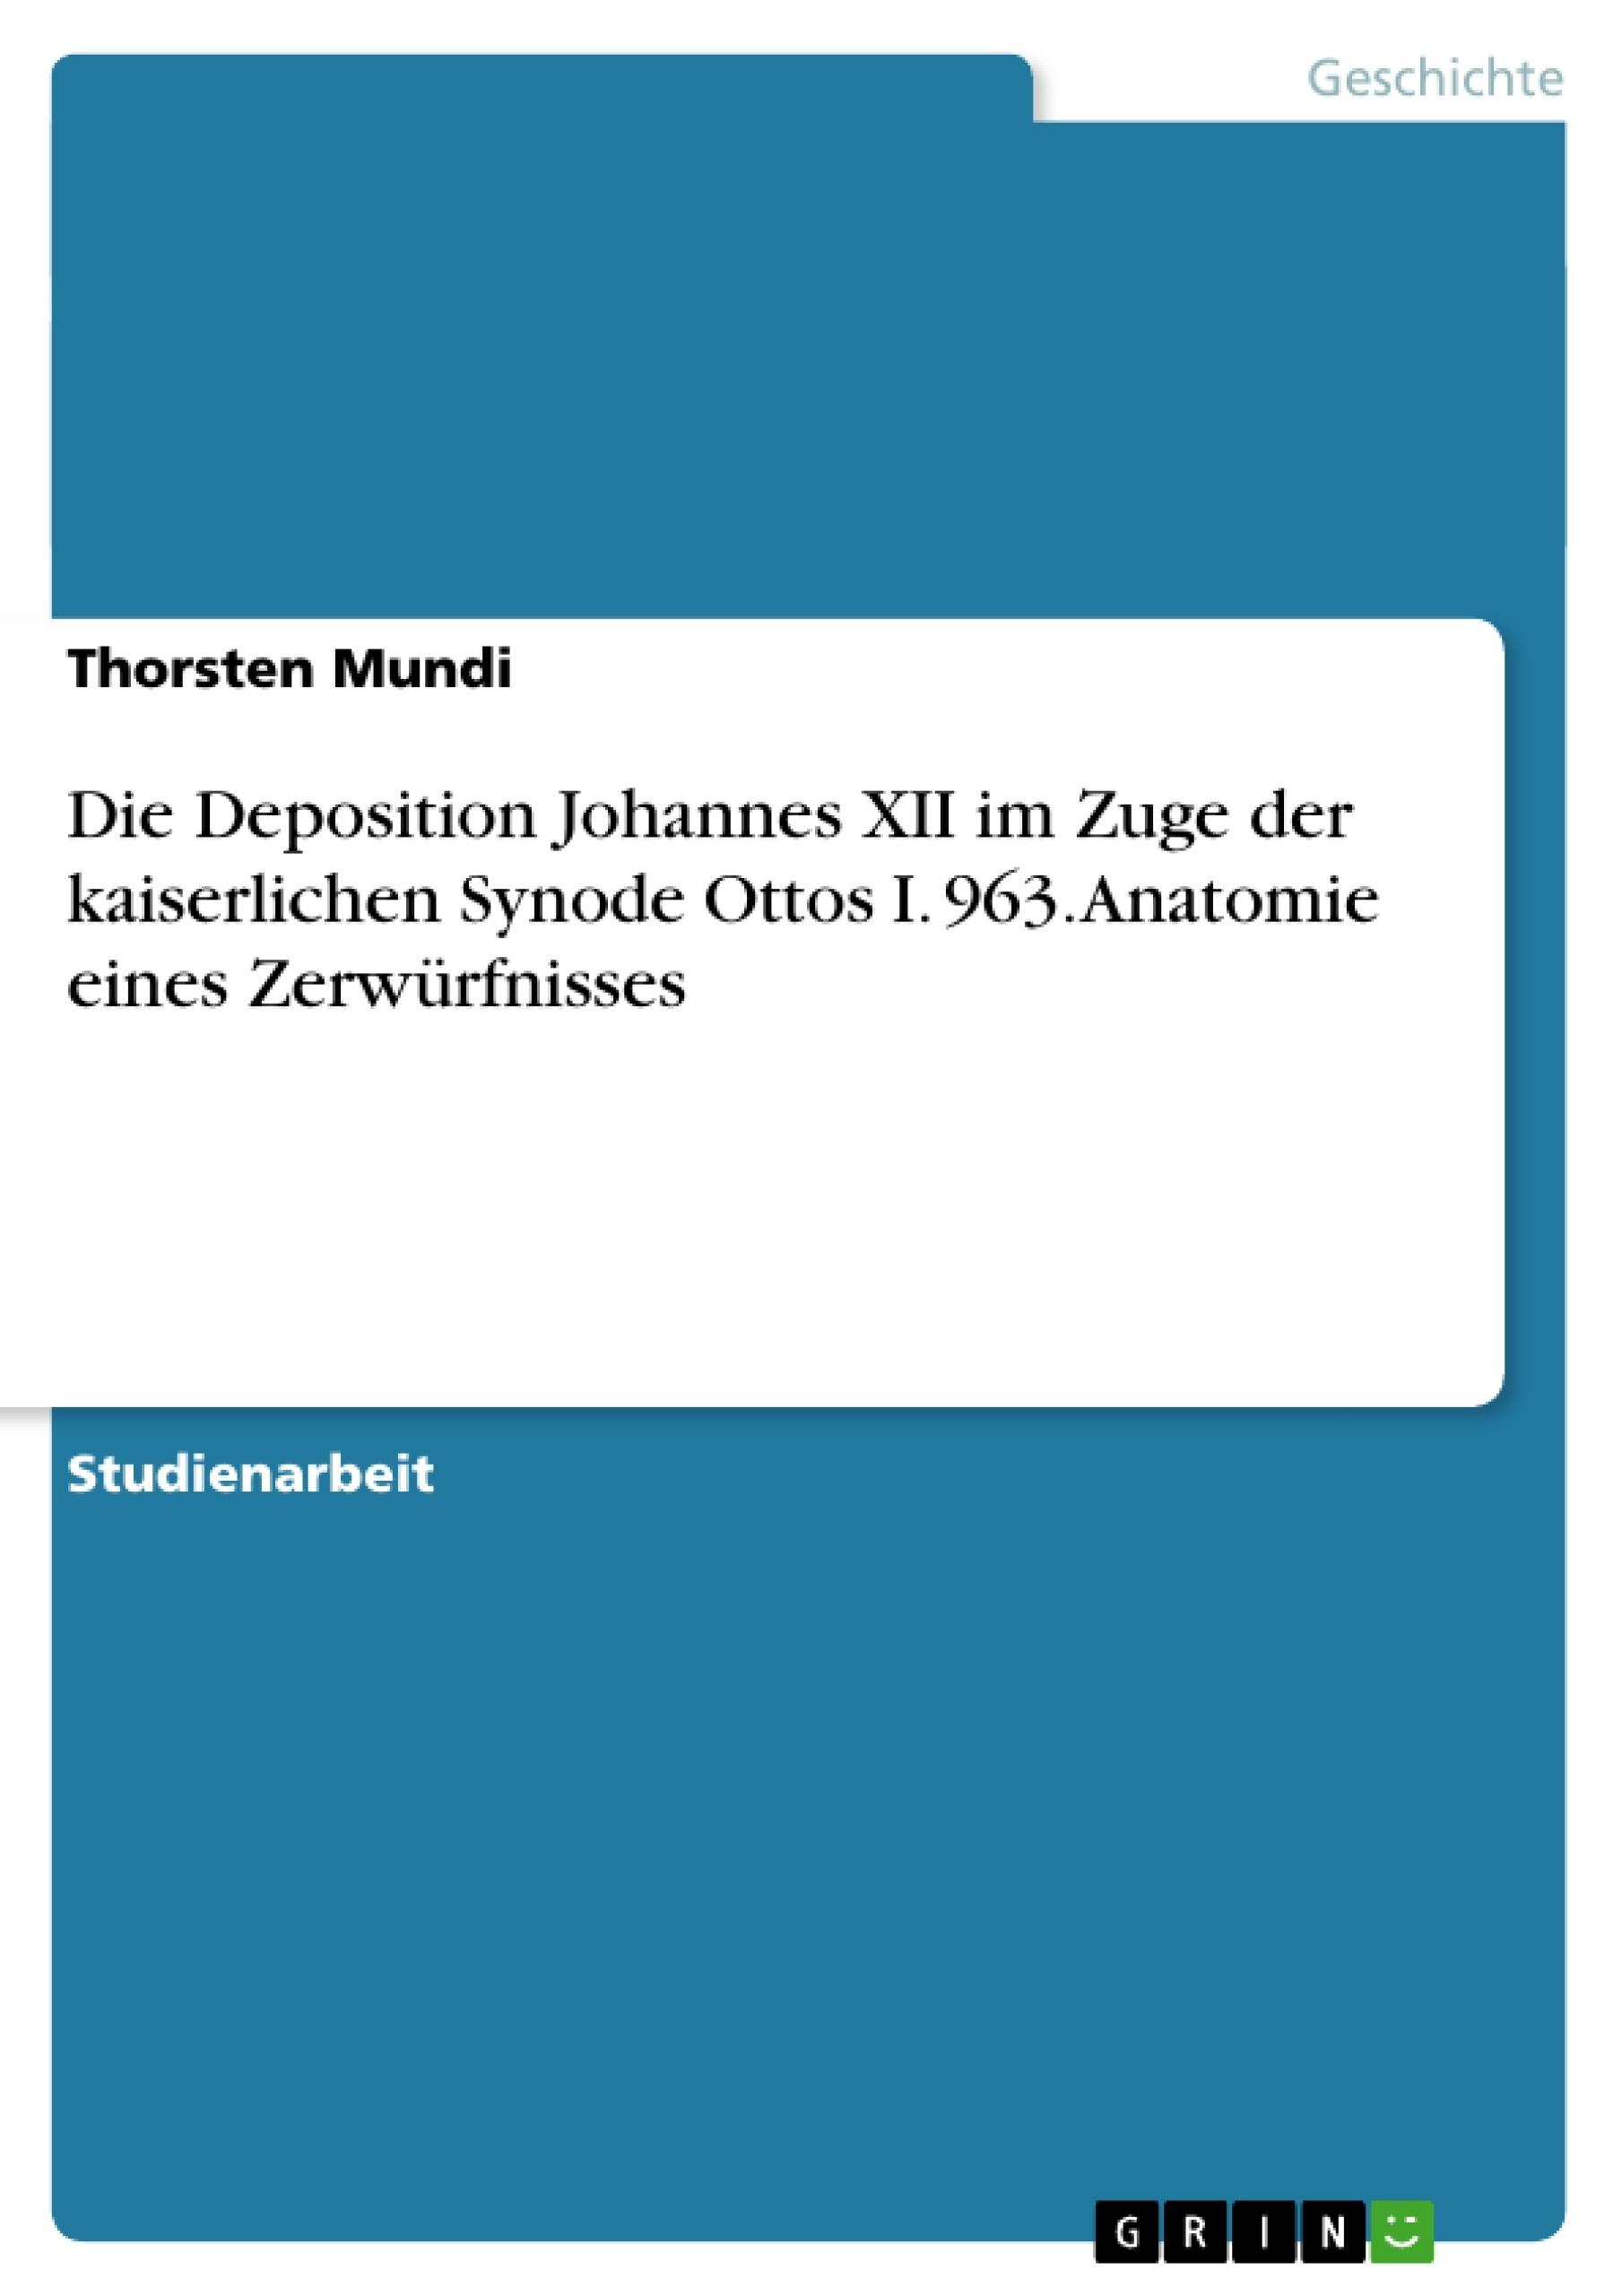 Titel: Die Deposition Johannes XII im Zuge der kaiserlichen Synode Ottos I. 963. Anatomie eines Zerwürfnisses